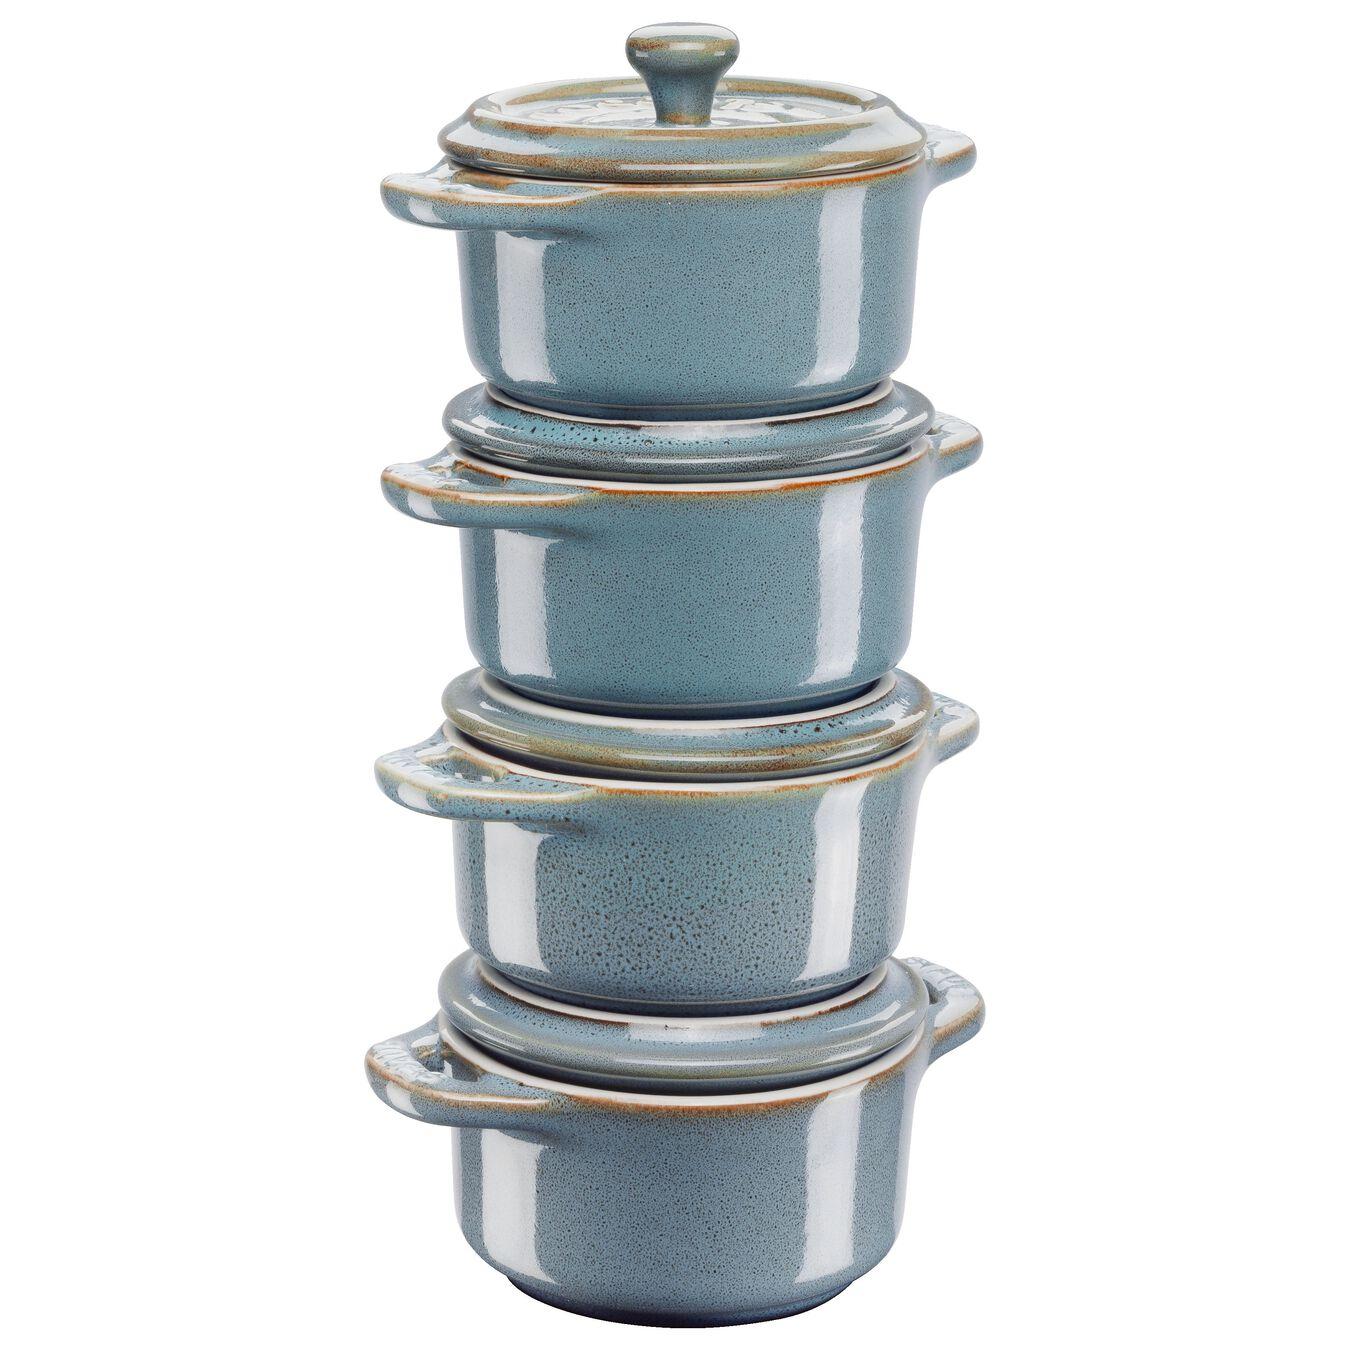 Ensemble de cocottes 4-pcs, Rond(e), Turquoise antique, Céramique,,large 1